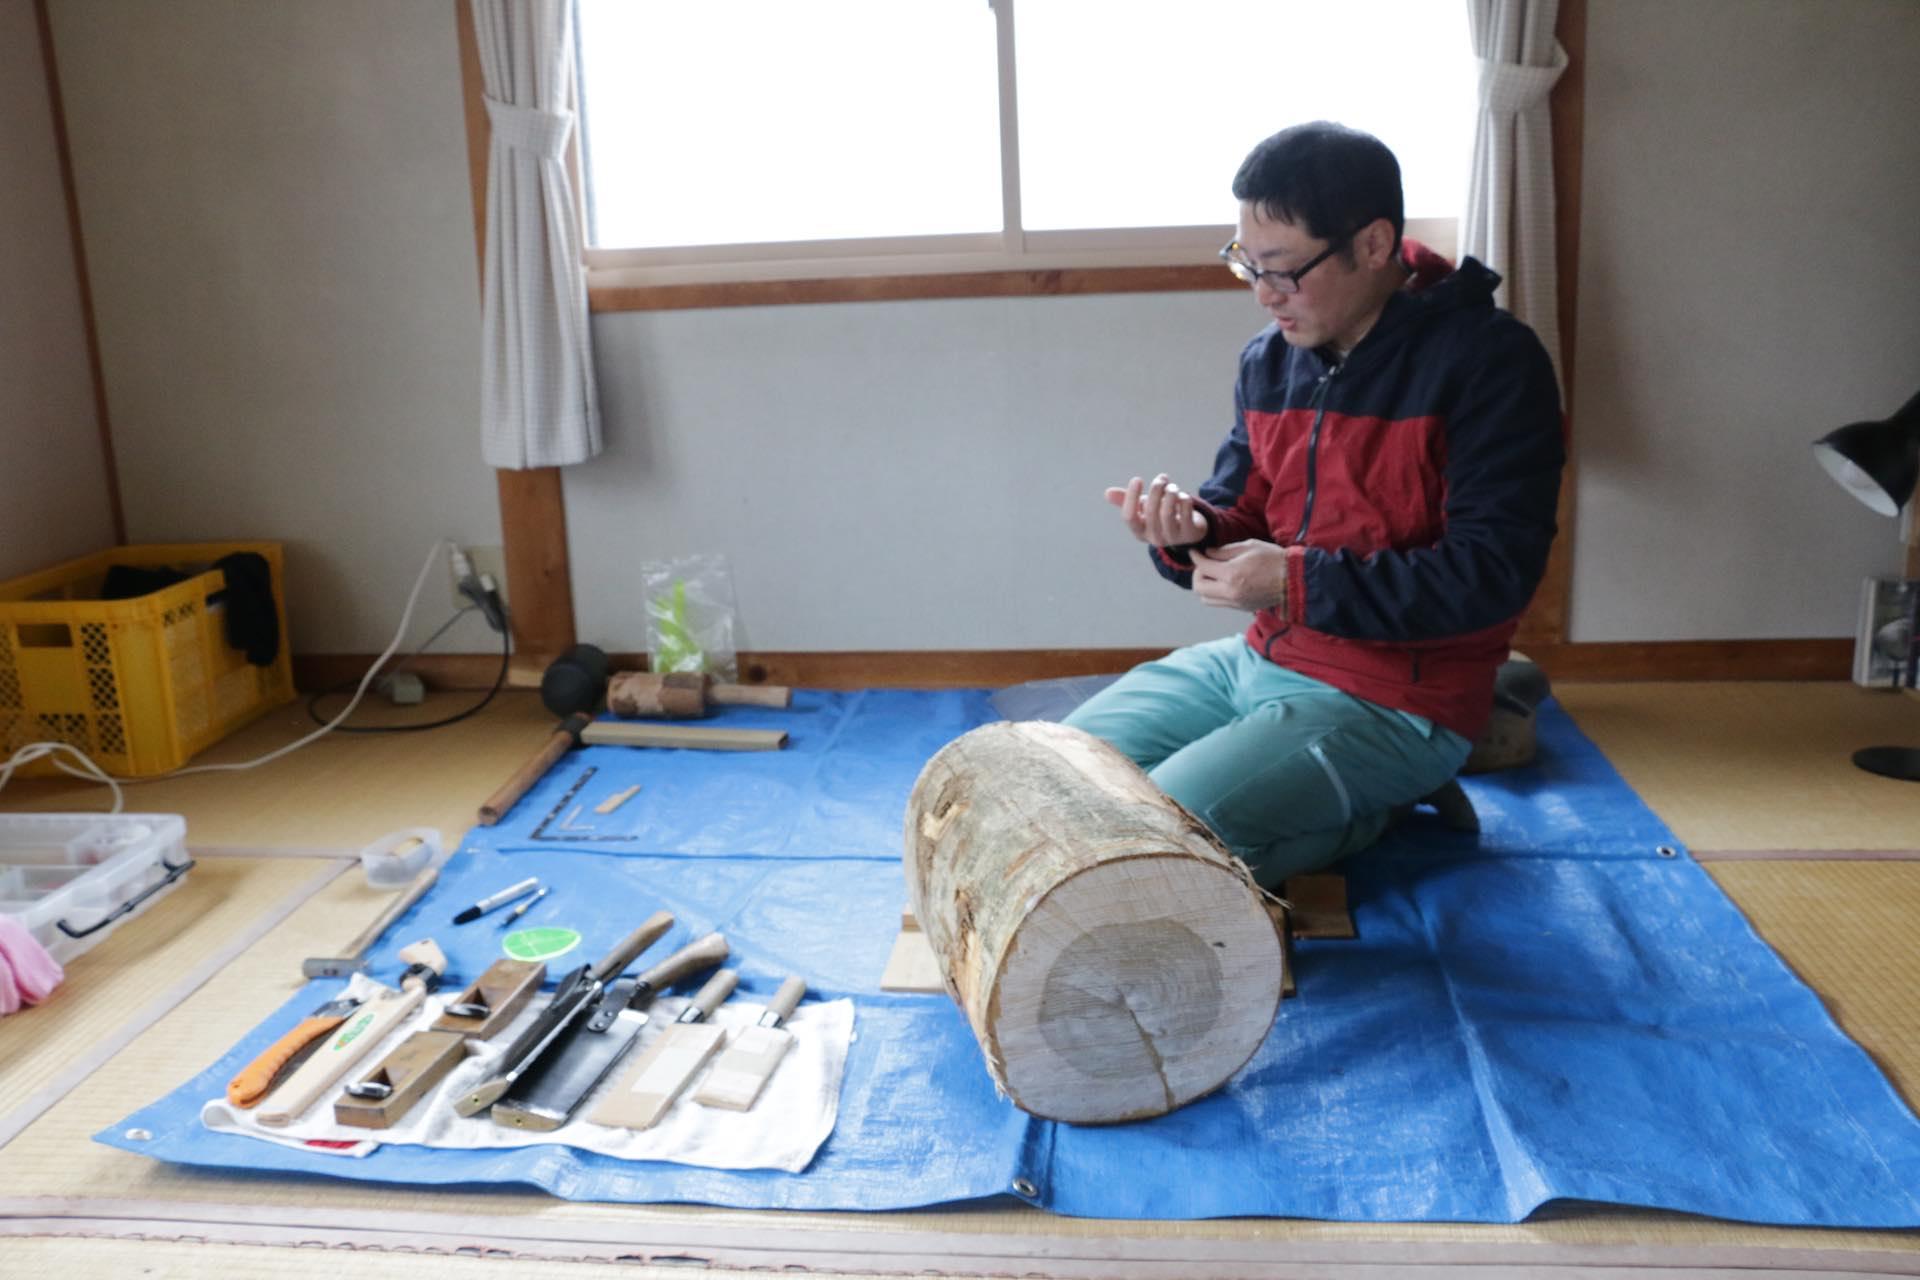 自宅の一室が作業場所。大阪生まれの奥井さんは、幼い頃から木工好き。ご両親が奥飛騨ご出身で、親しみのあった飛騨高山で木工の技能専門学校に学び、作家として出店していた高山の市で、同じく出店者の有道杓子保存会と出会ったそうです